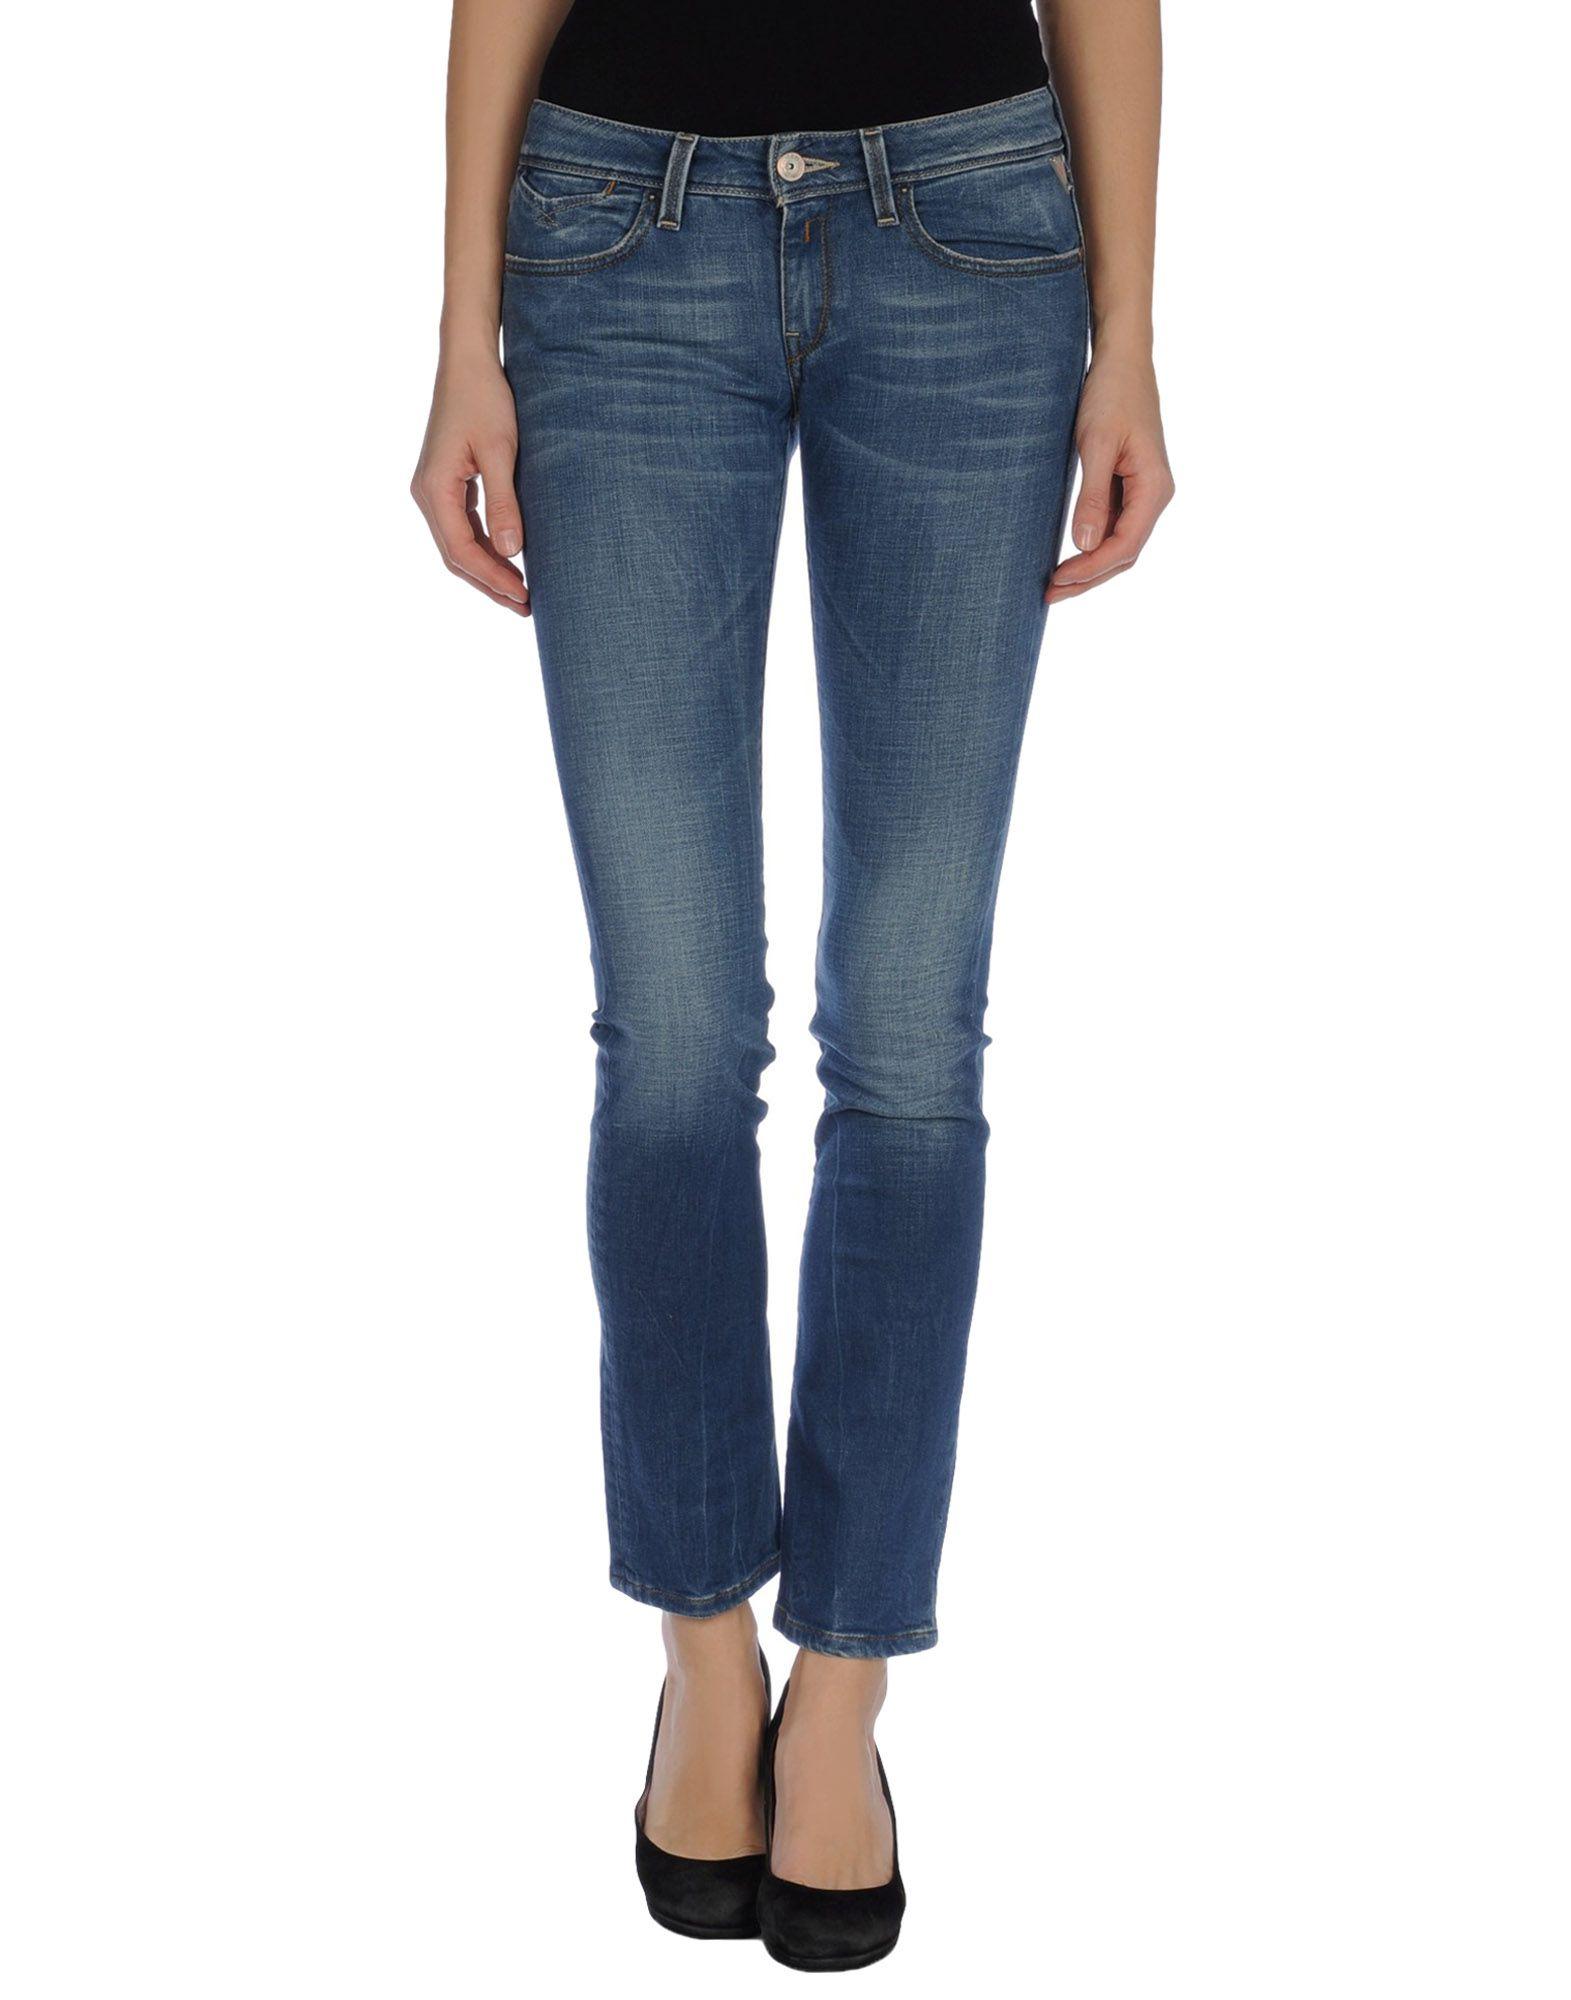 Γυναικεία jean παντελόνια (miss sixty 9d6b3712d0f